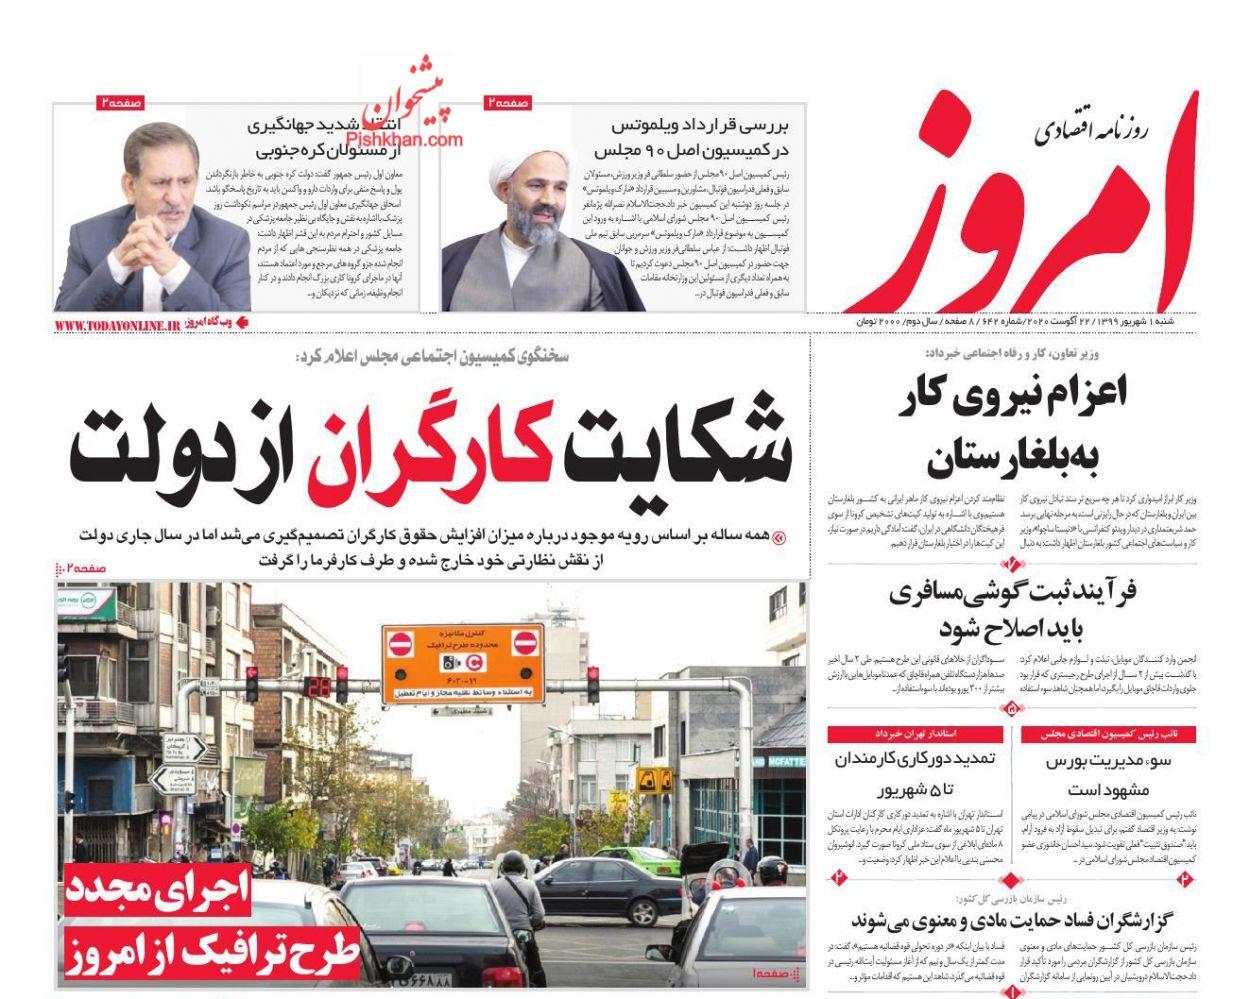 عناوین اخبار روزنامه امروز در روز شنبه ۱ شهریور